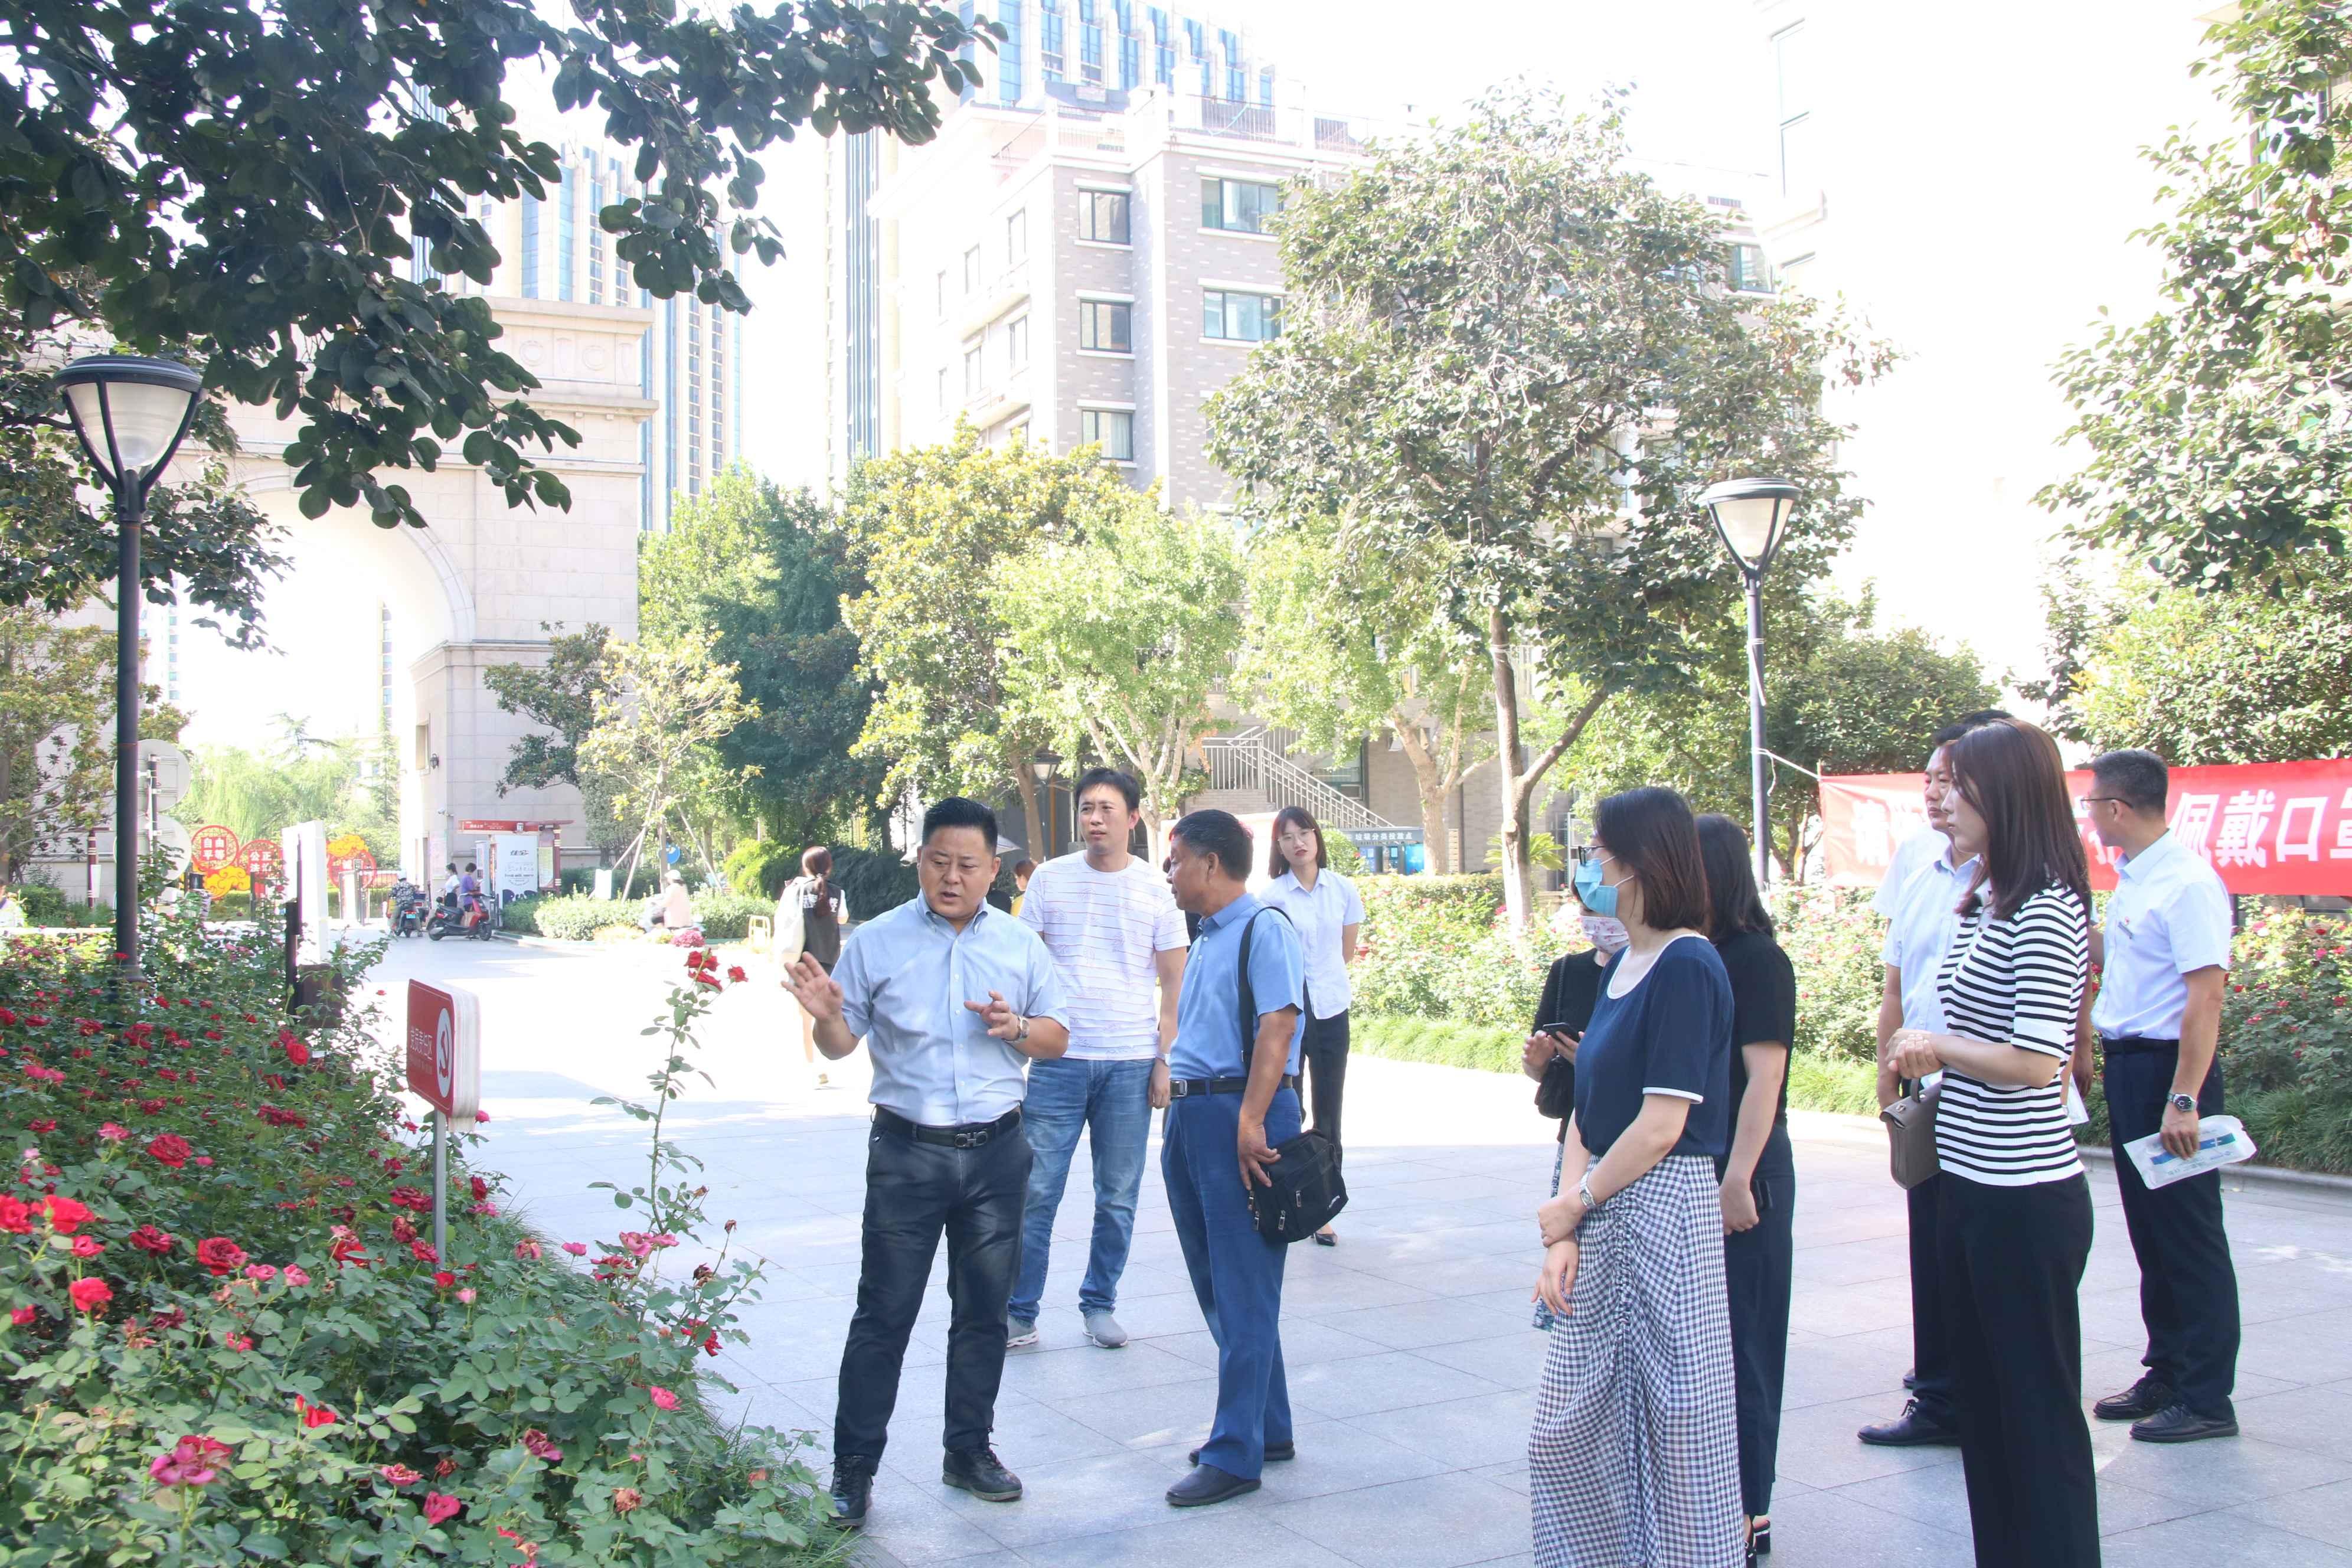 济南市物业管理行业协会秘书处一行7人赴山东康都物业管理有限公司参观学习